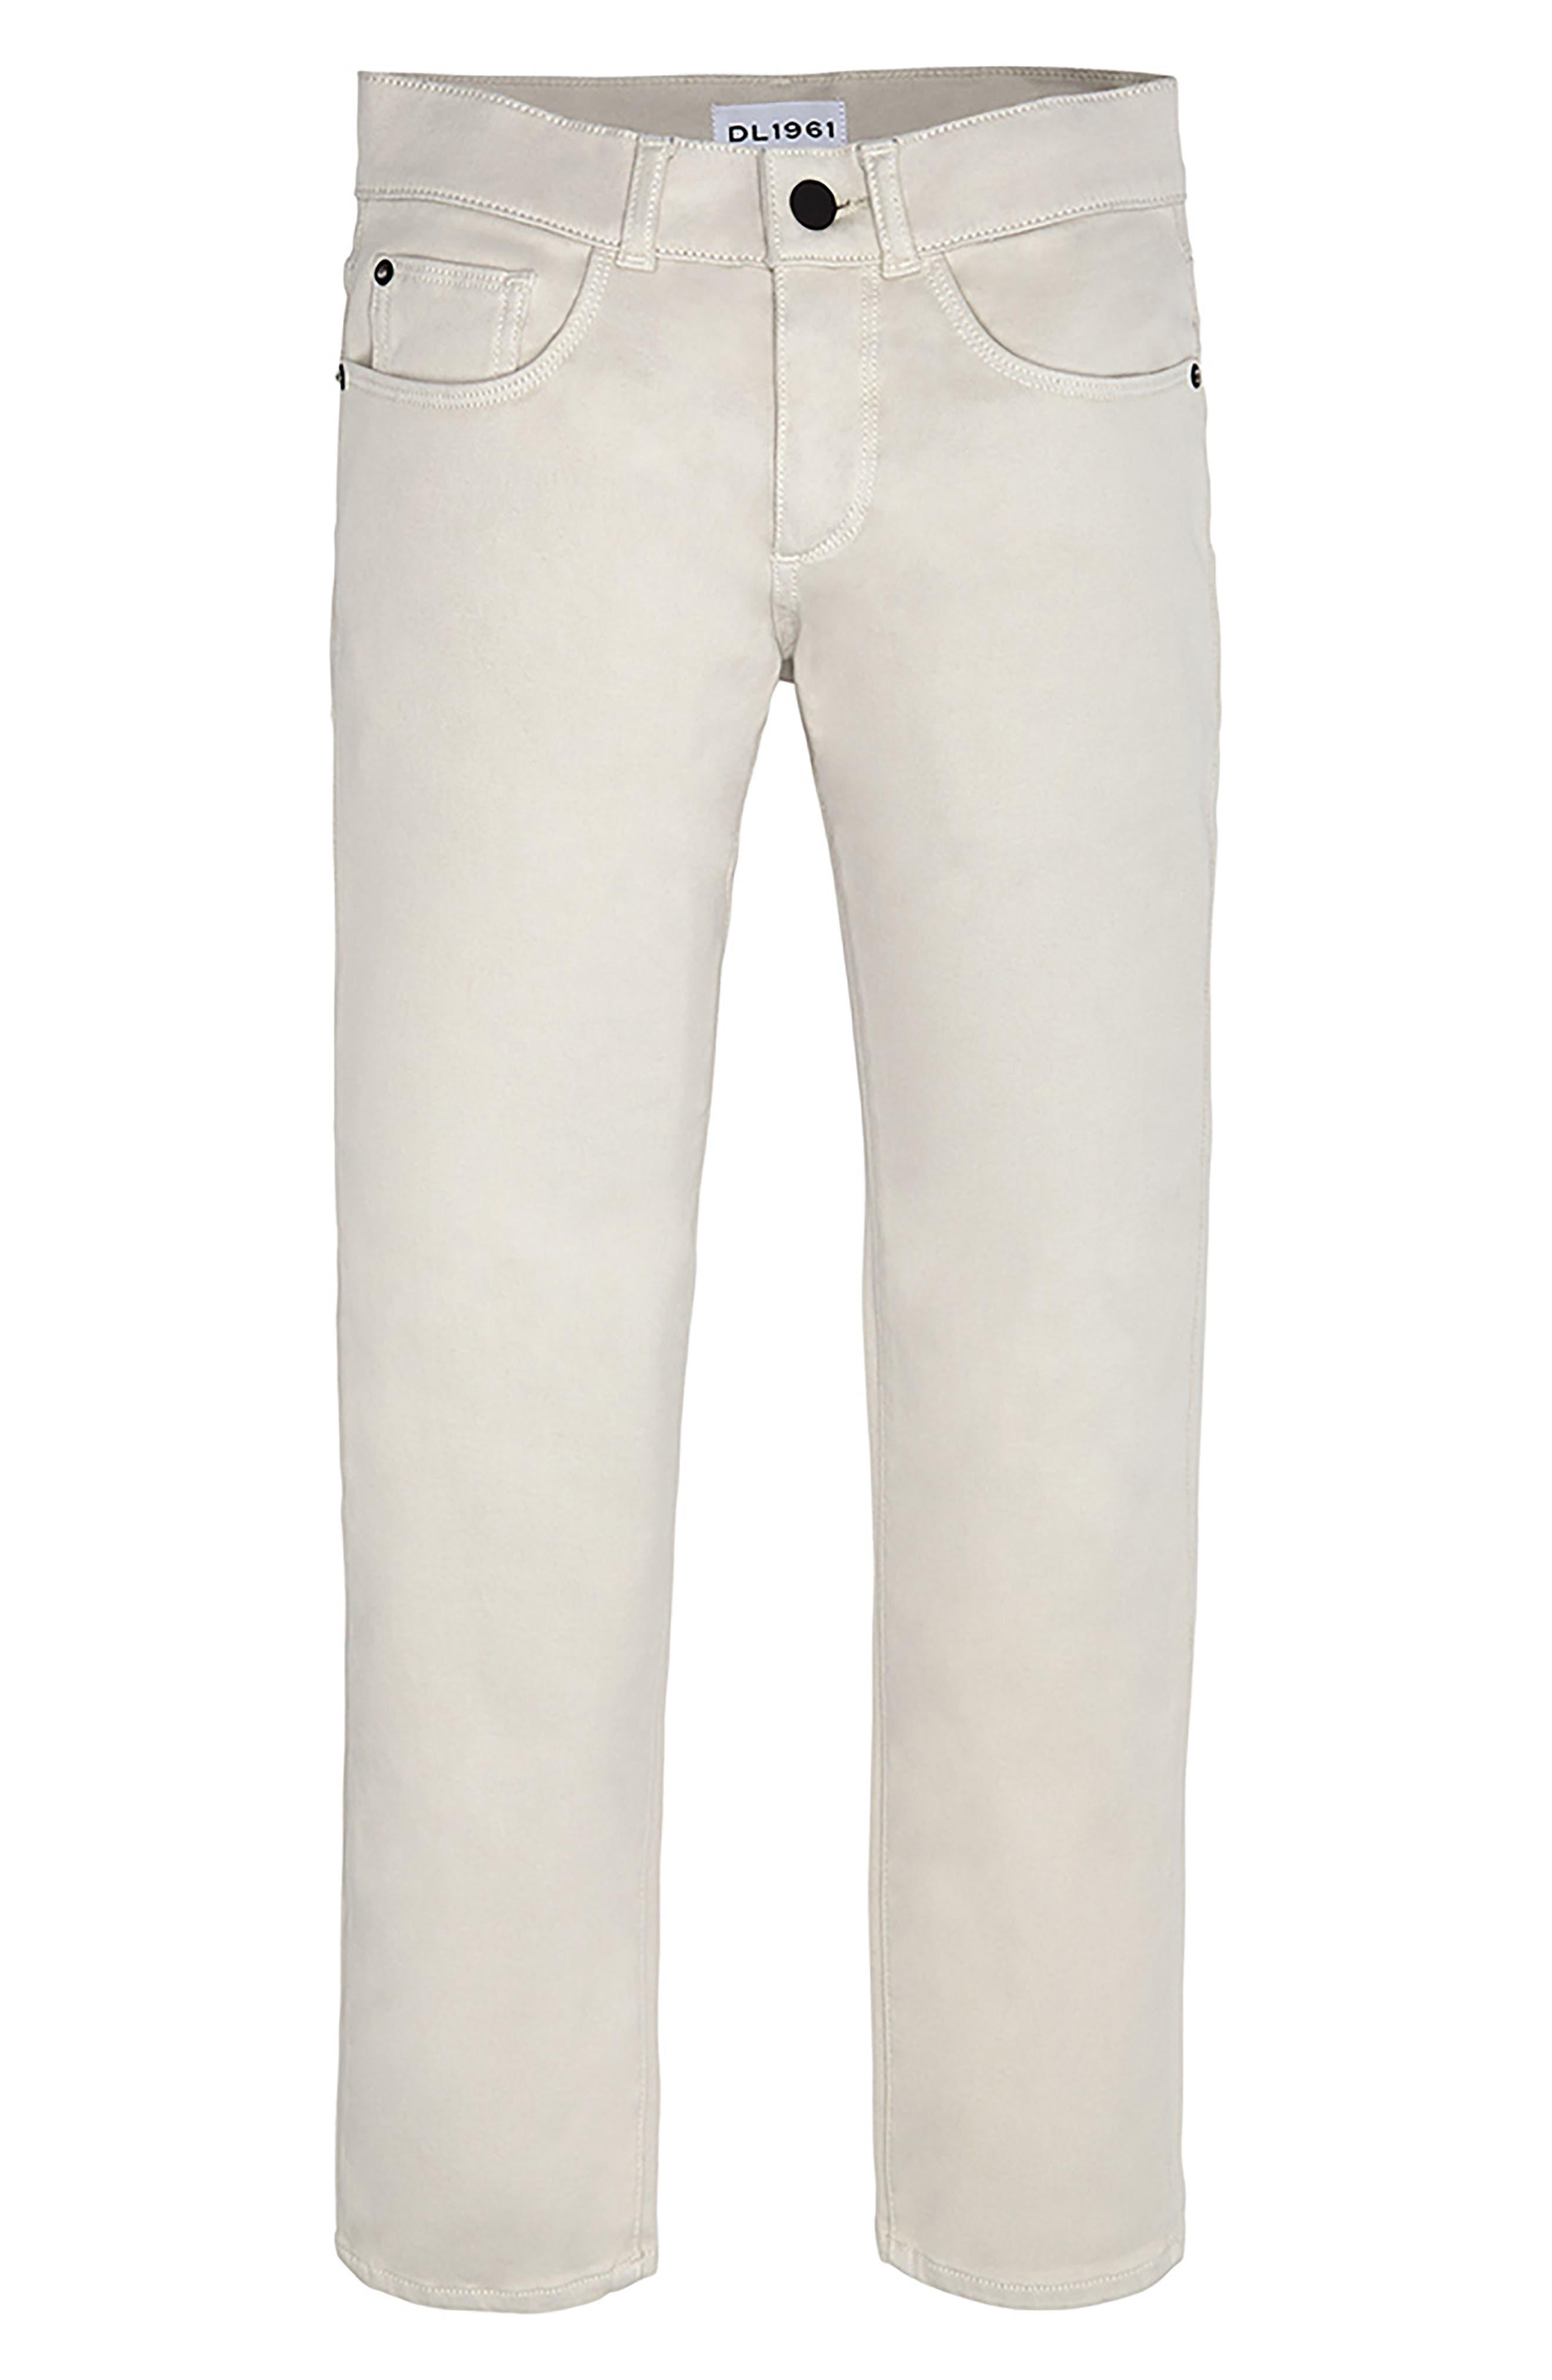 Boys Dl1961 Brady Slim Fit Twill Pants Size 12  Beige